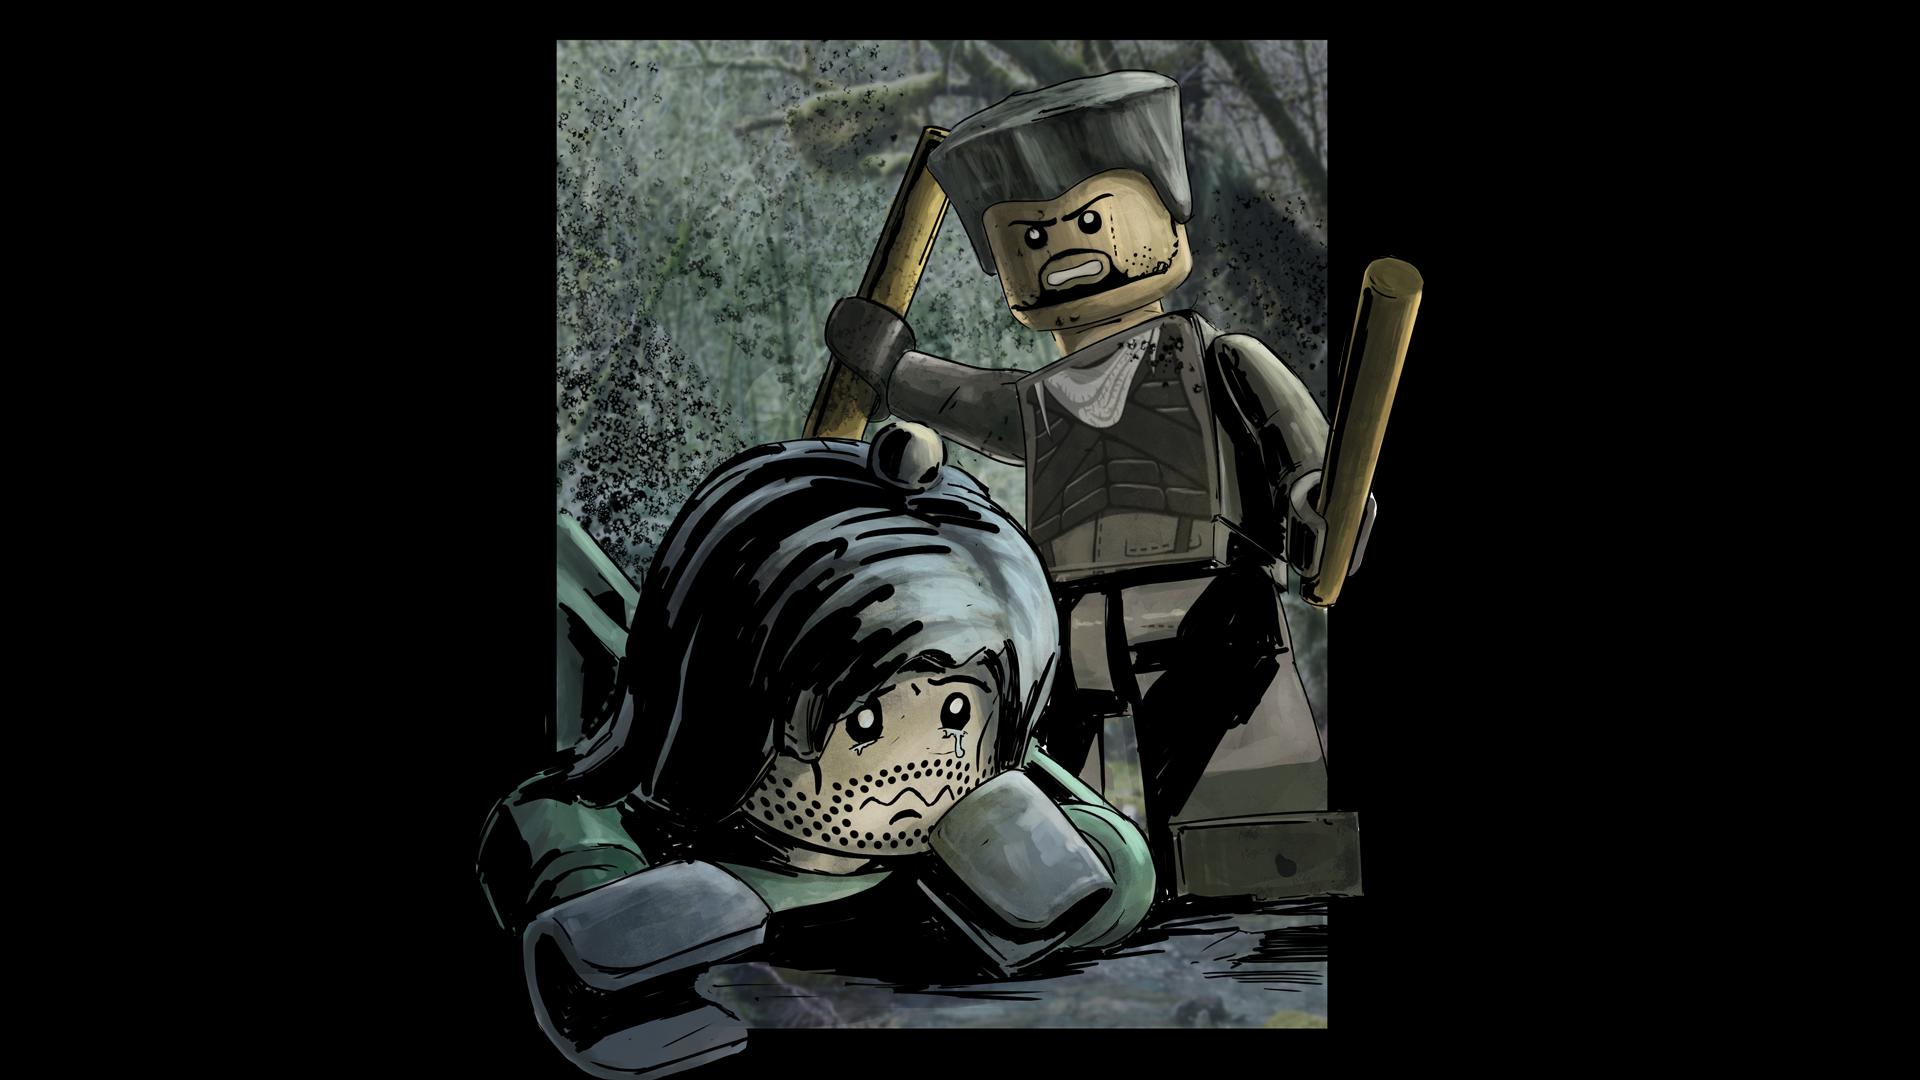 I'm not Robin Hood